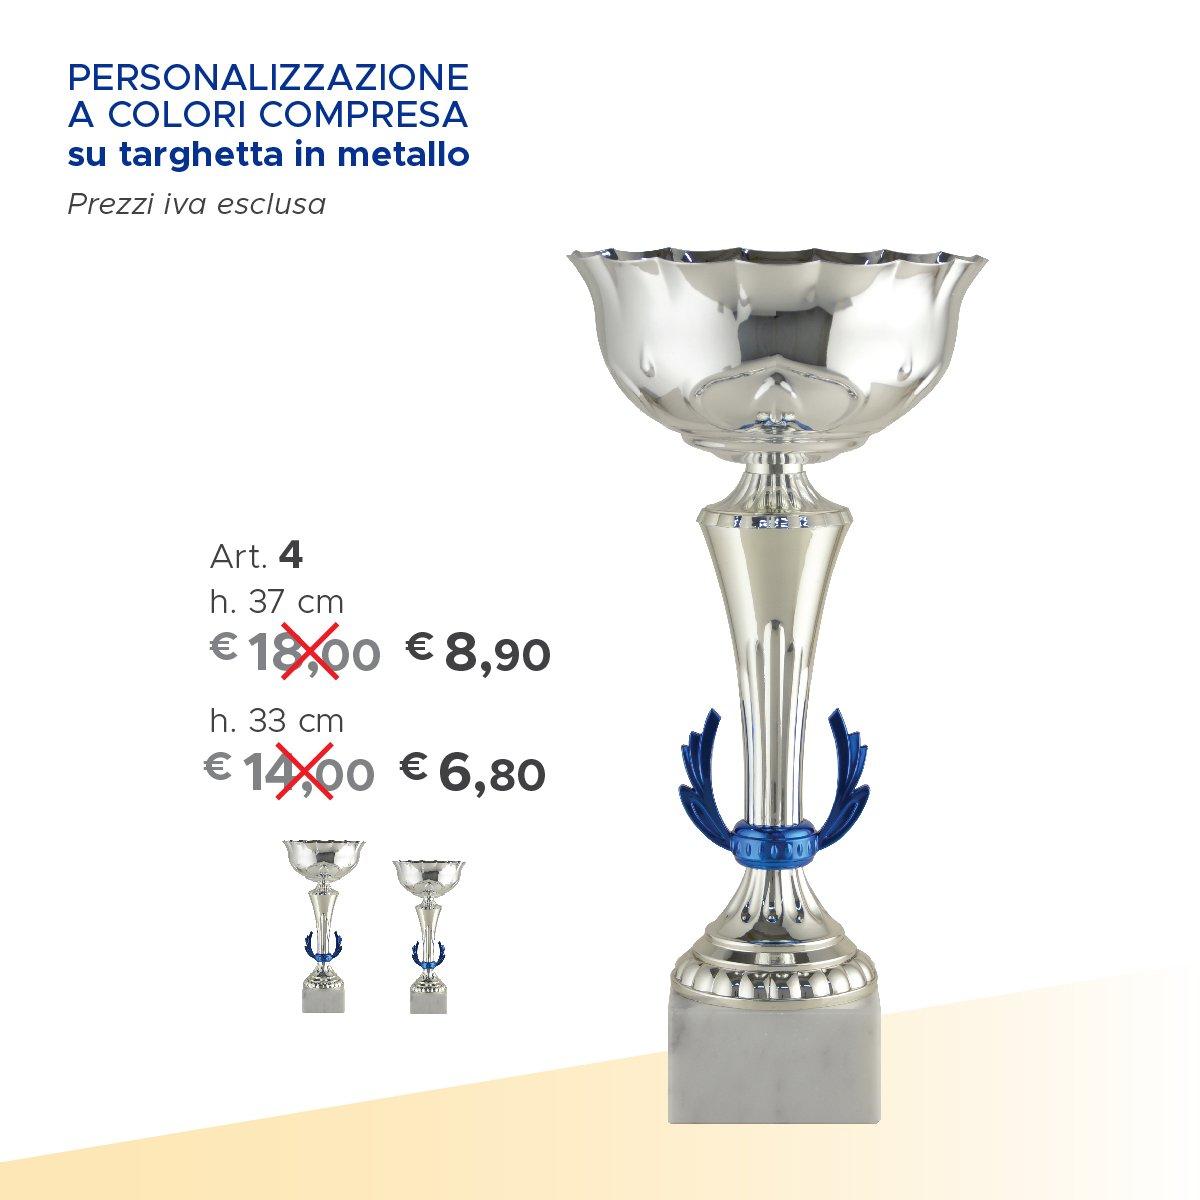 una coppa argentata e sulla sinistra il prezzo